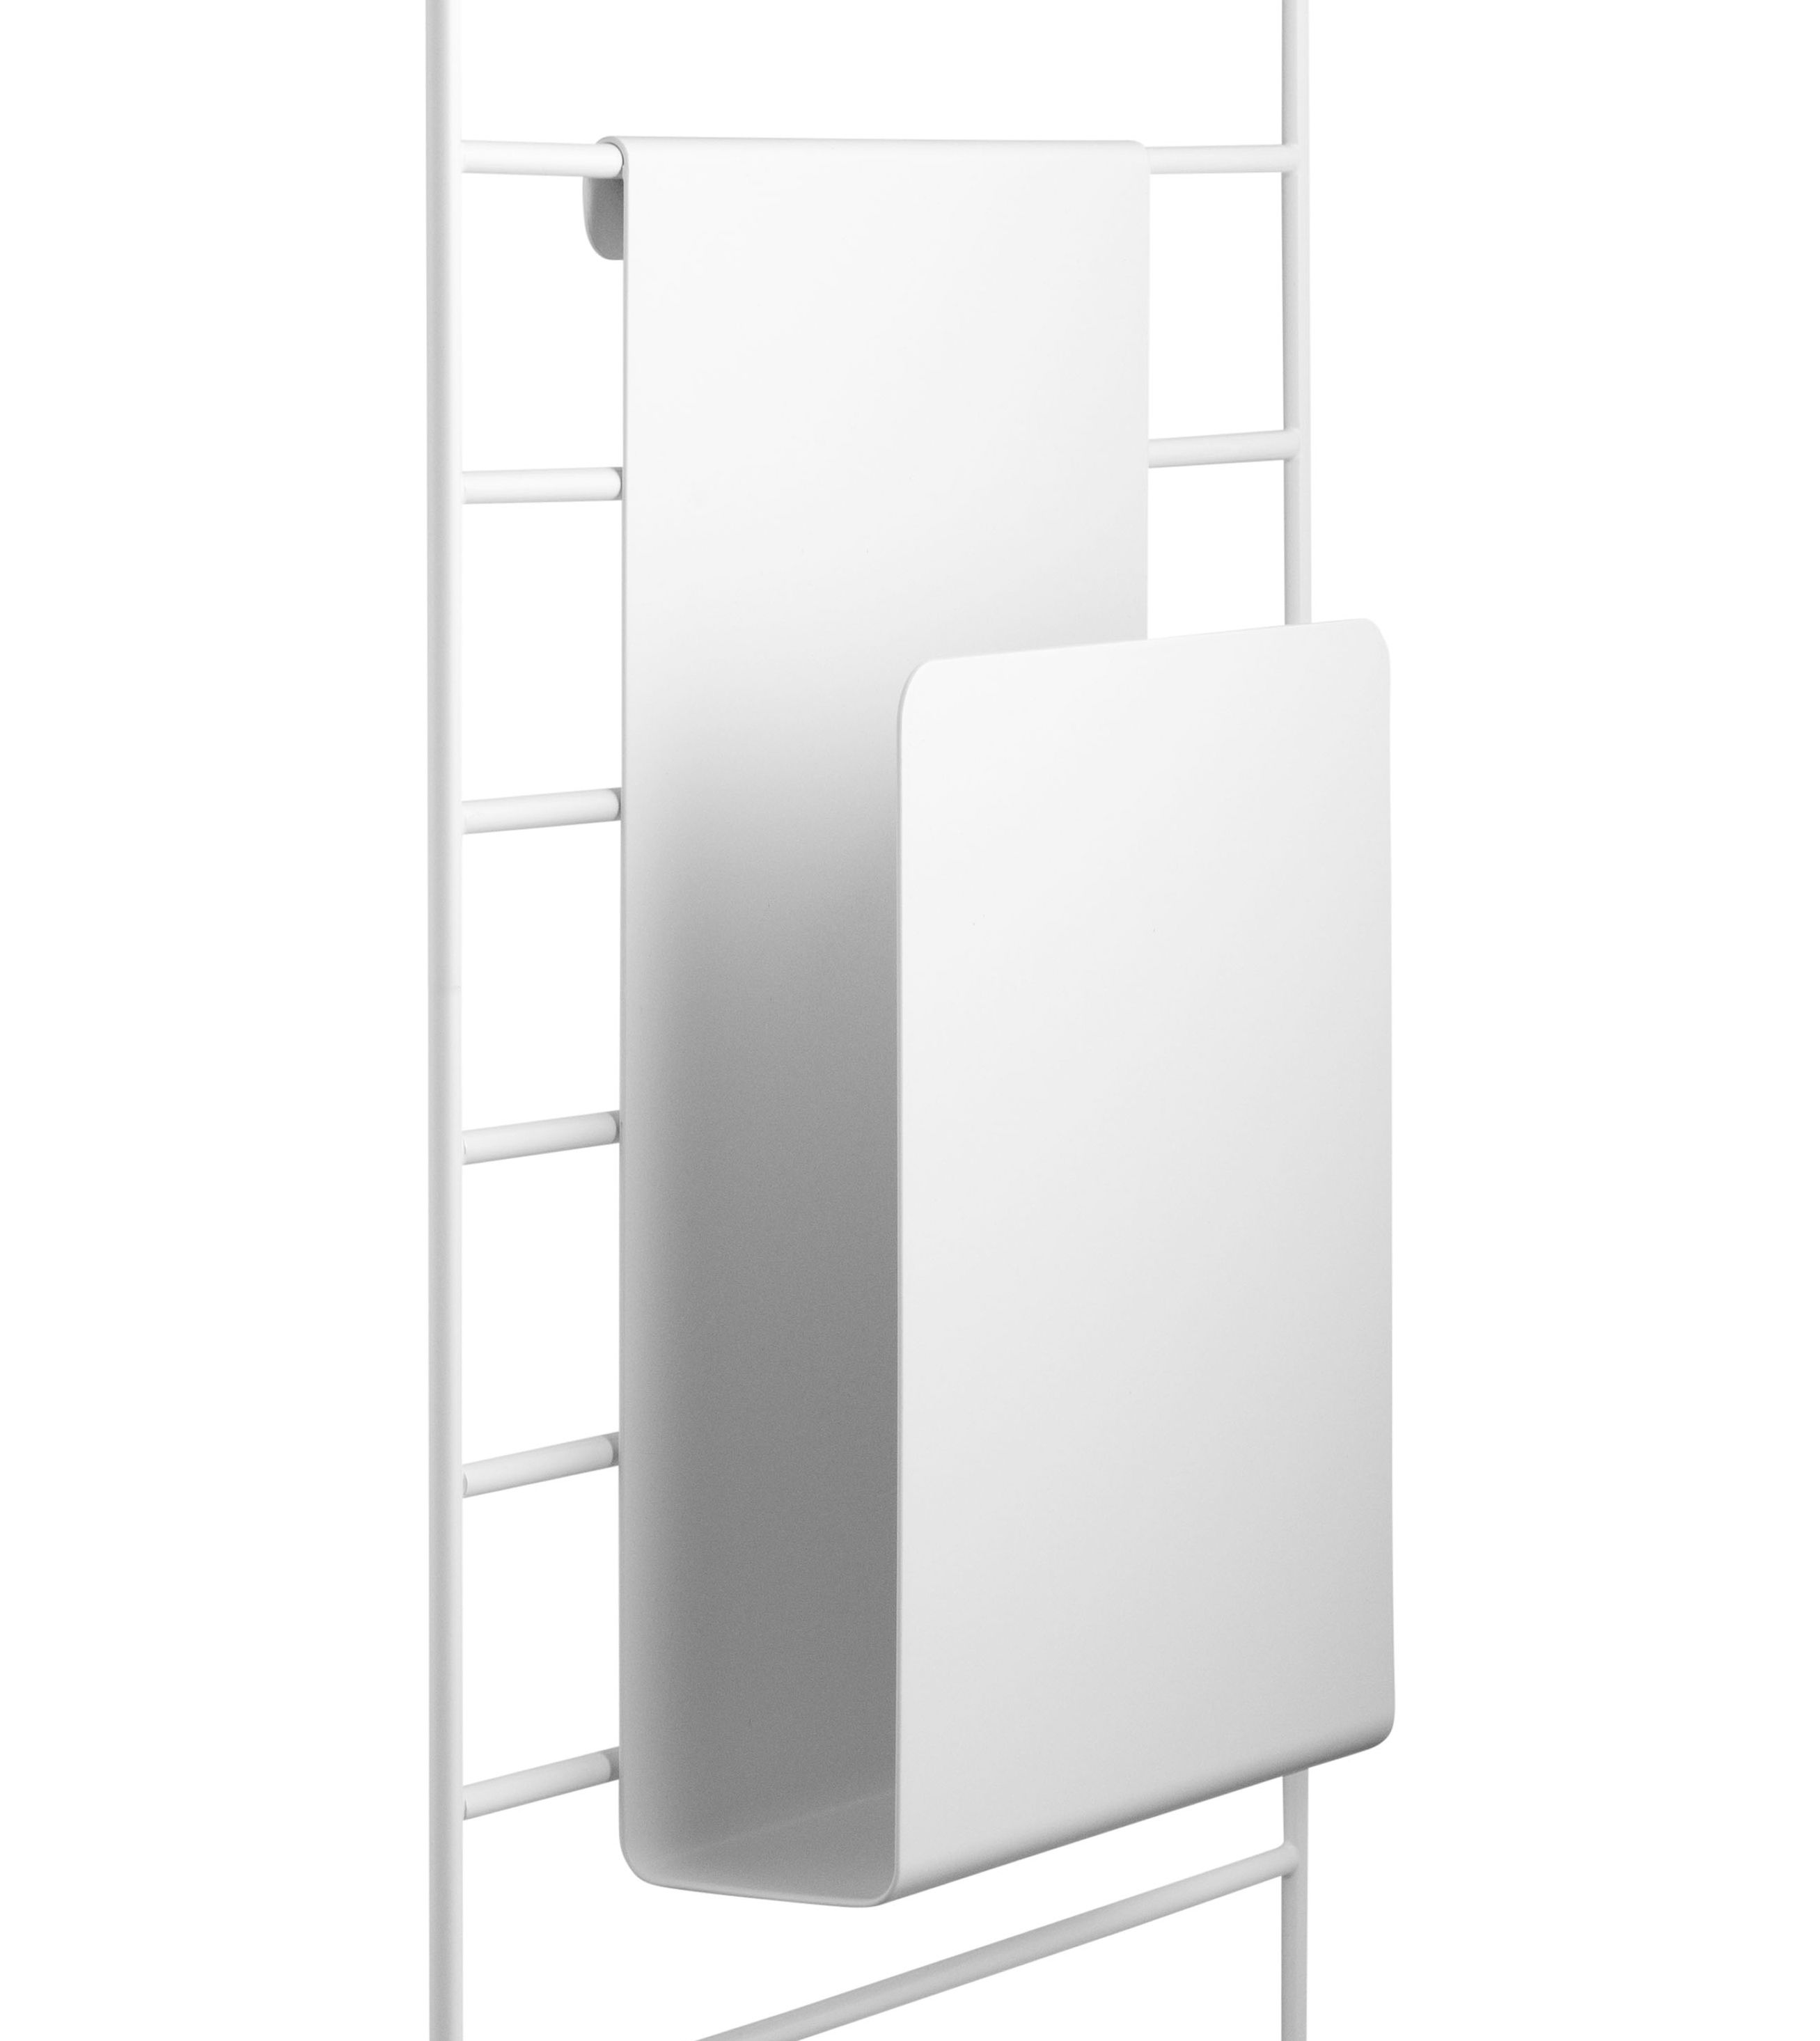 Arredamento - Scaffali e librerie - Portariviste - da appendere / Per mensole String di String Furniture - Bianco - metallo laccato